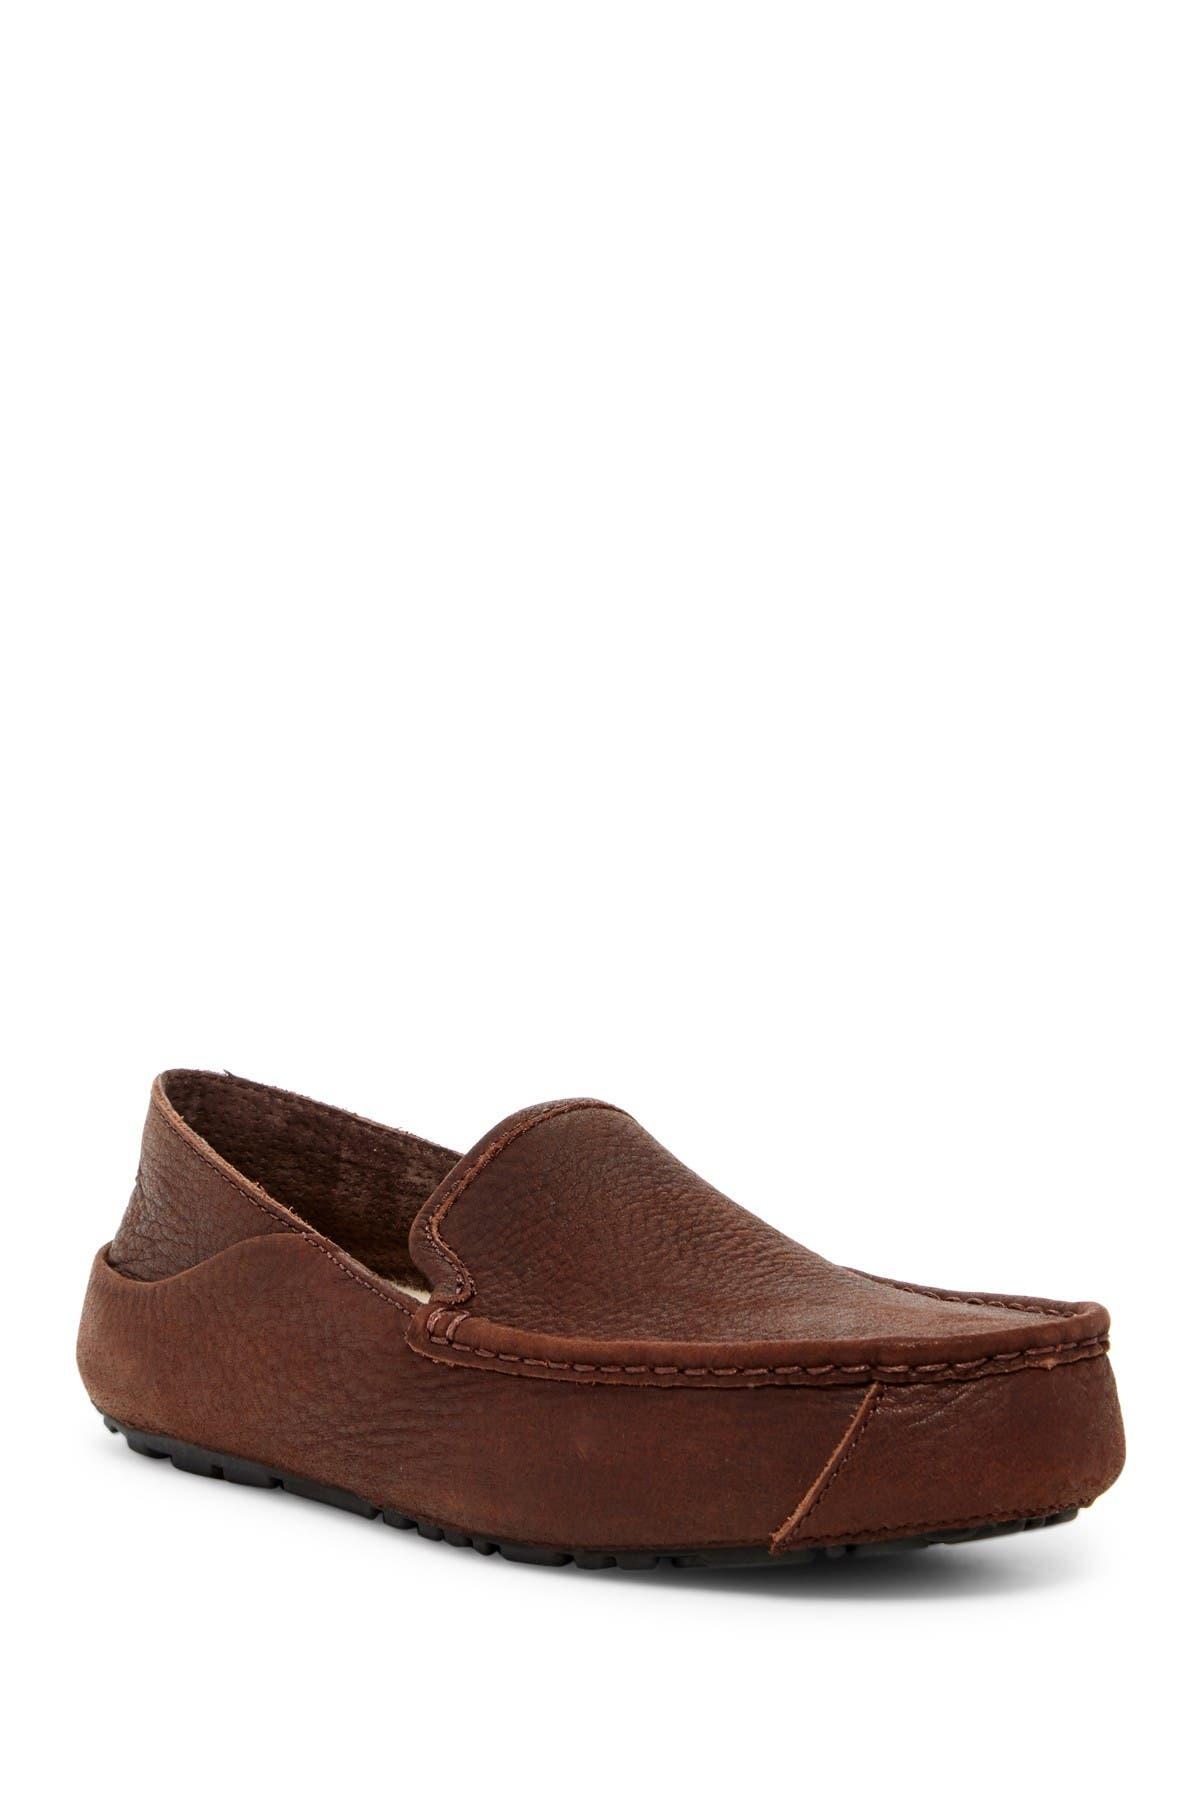 UGG | Hunley Moccasin Shoe | Nordstrom Rack